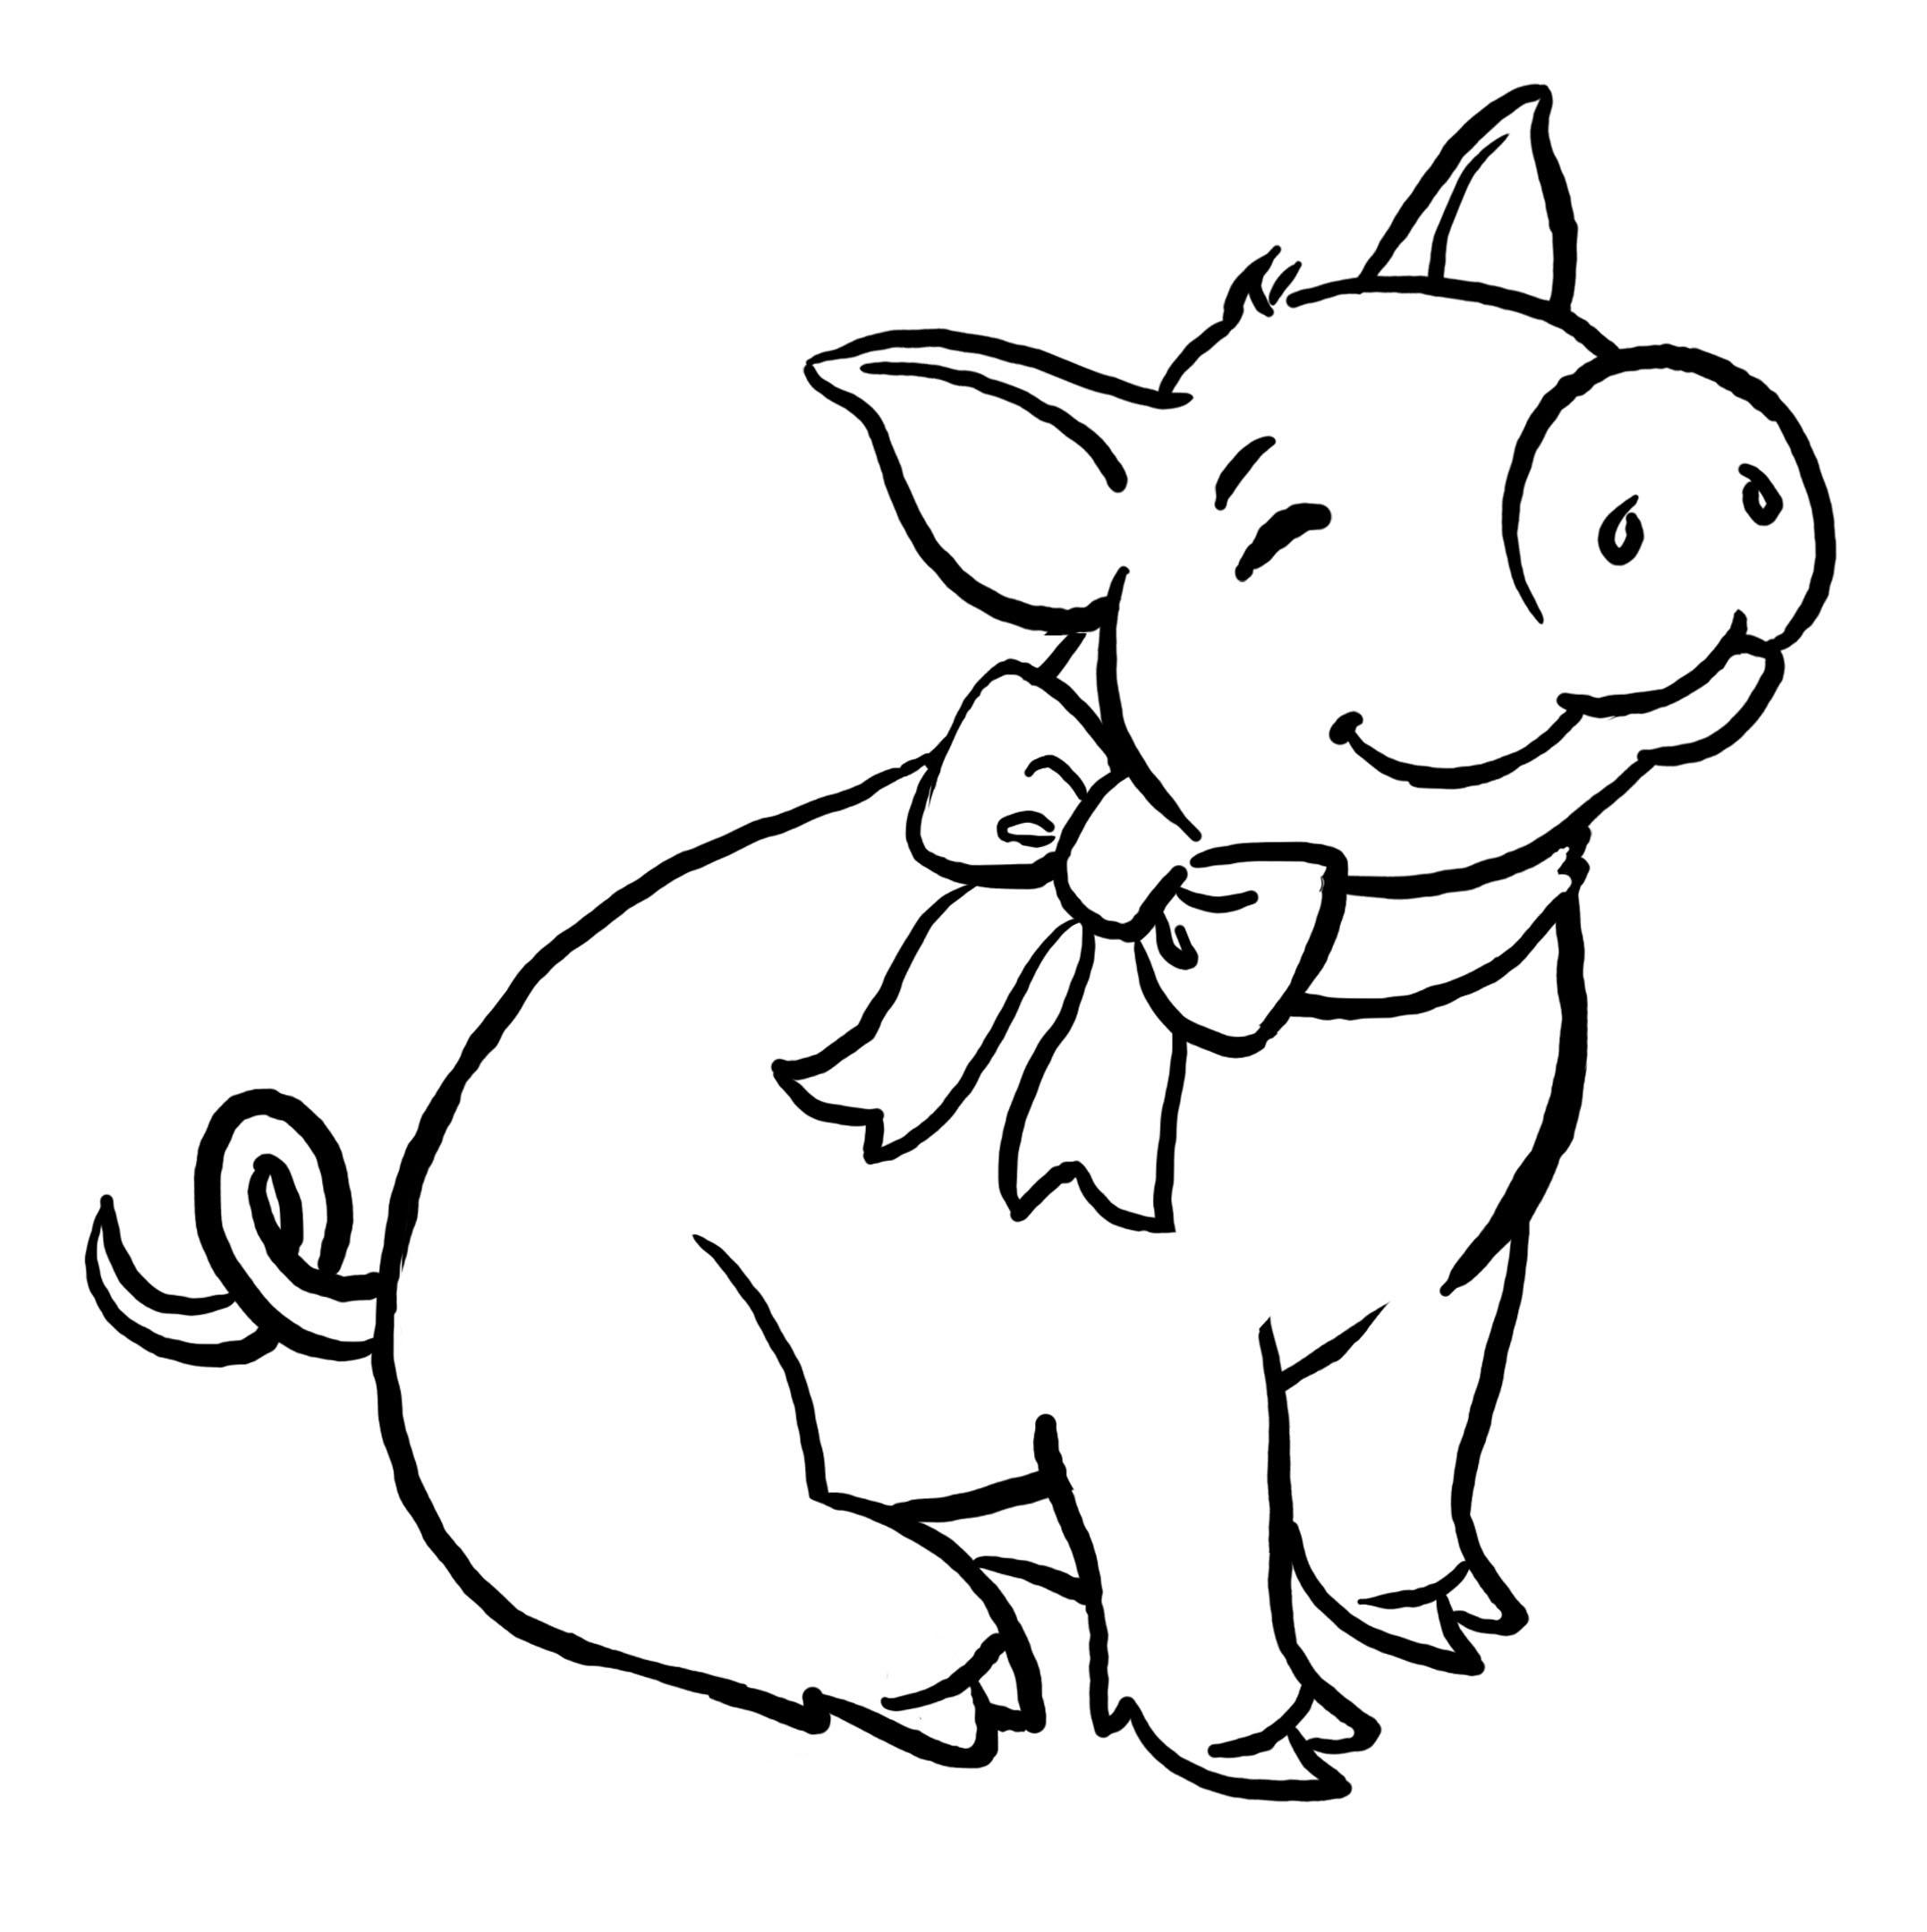 Planse De Colorat Cu Porci Purcei Scroafa Purcelusi